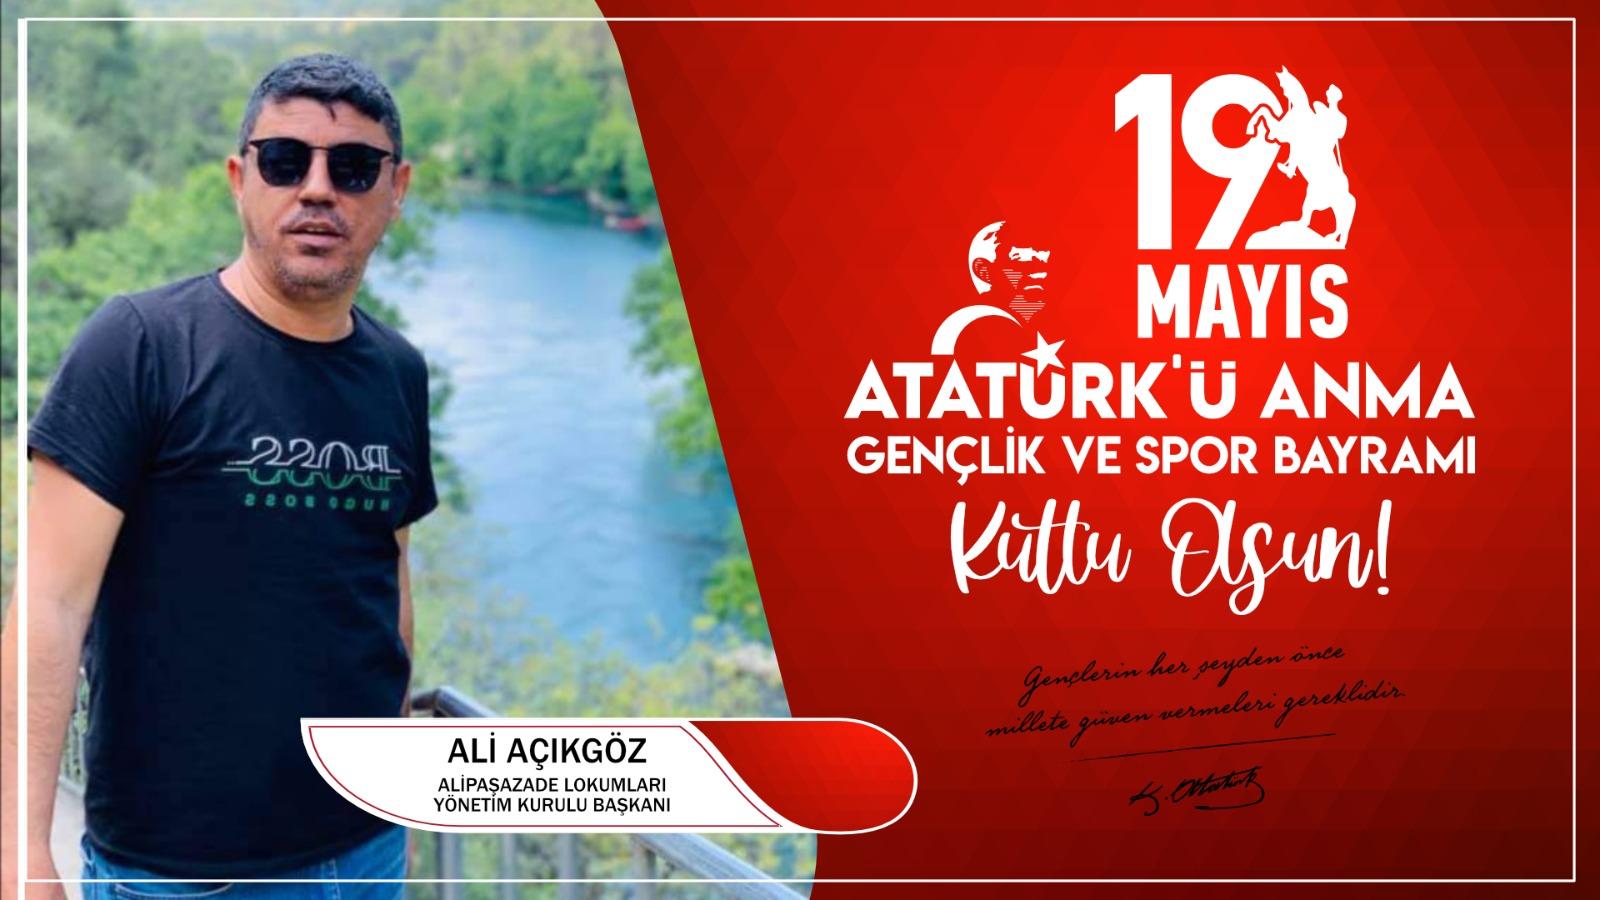 Ali Açıkgöz'den Kutlama Mesajı